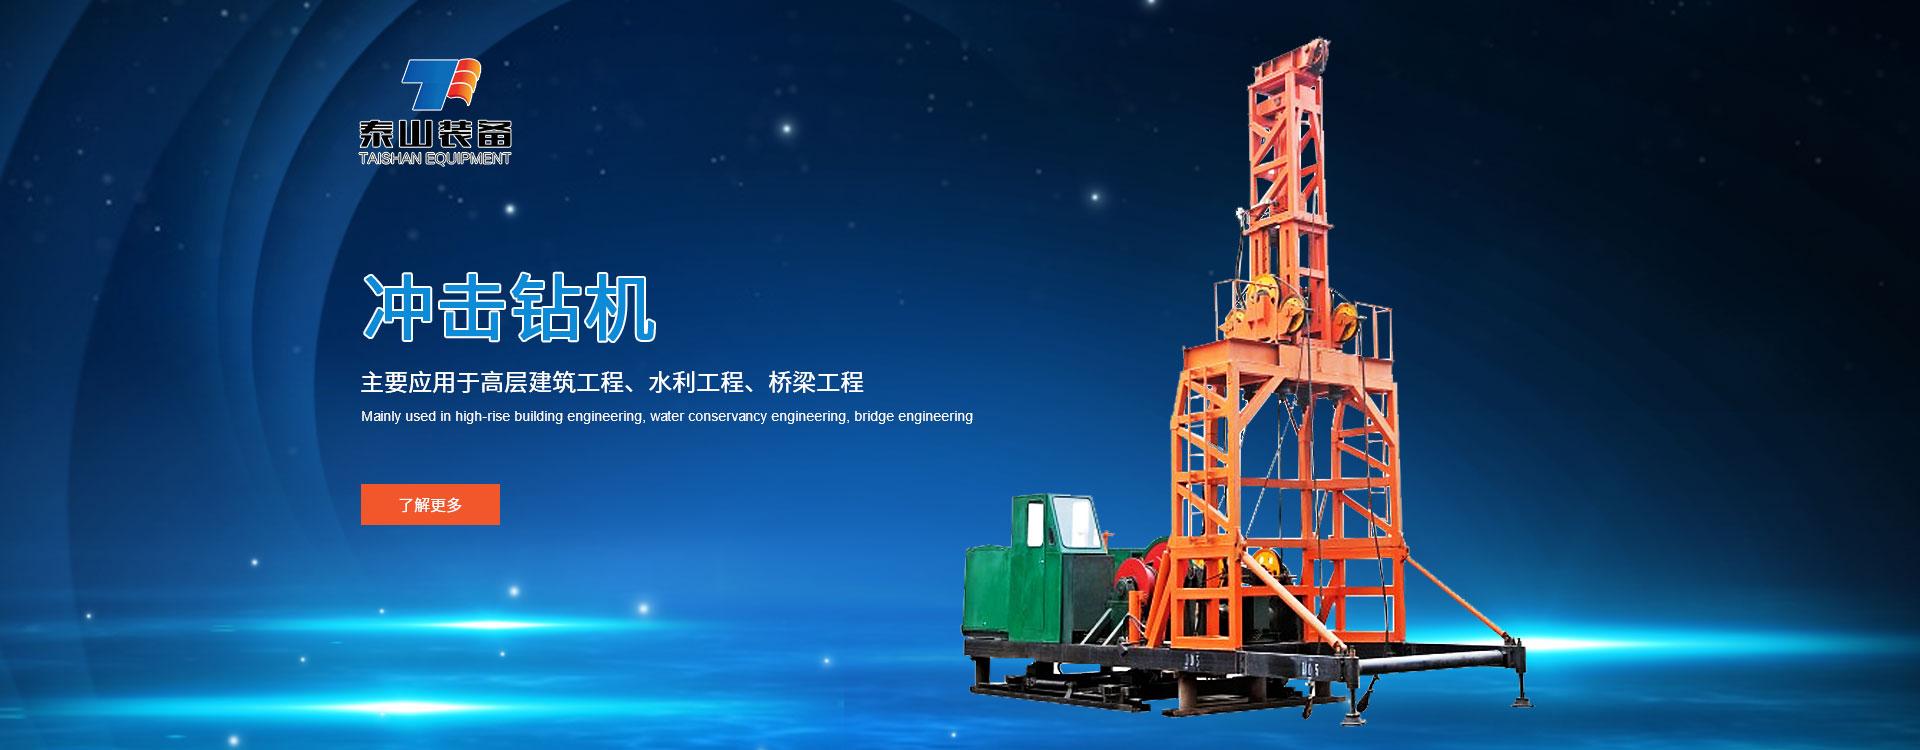 山東福生礦安科技有限公司